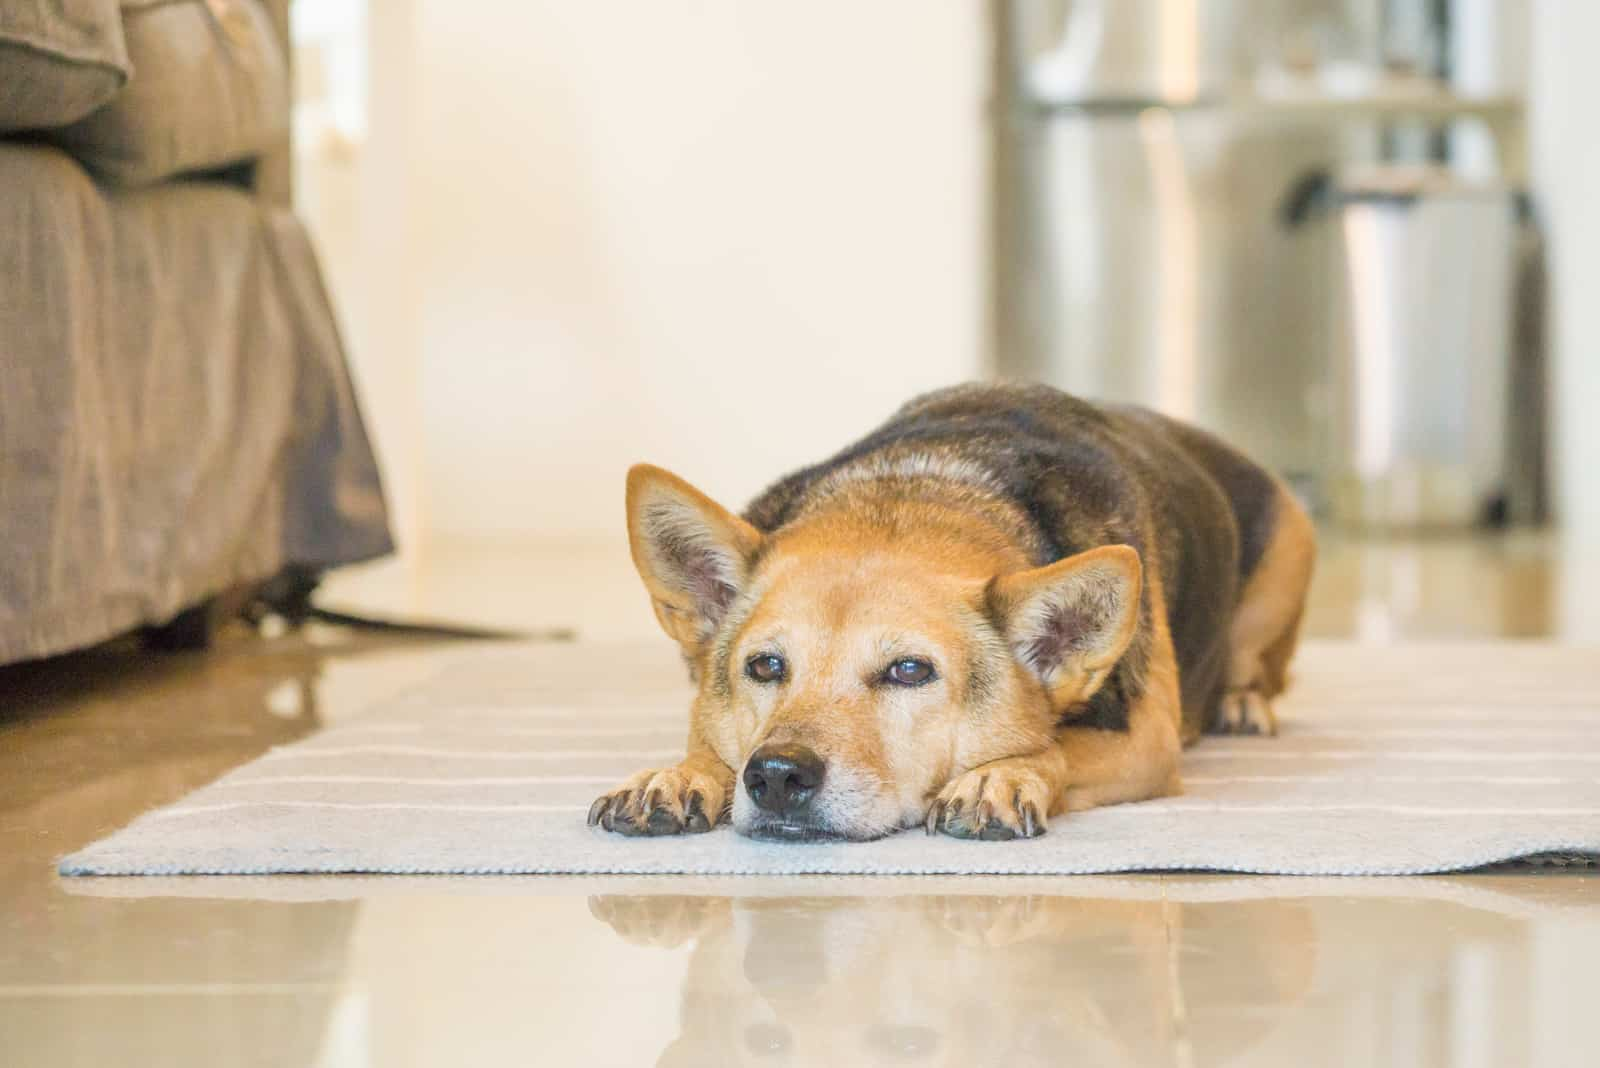 Der ältere Hund ruht auf dem Boden